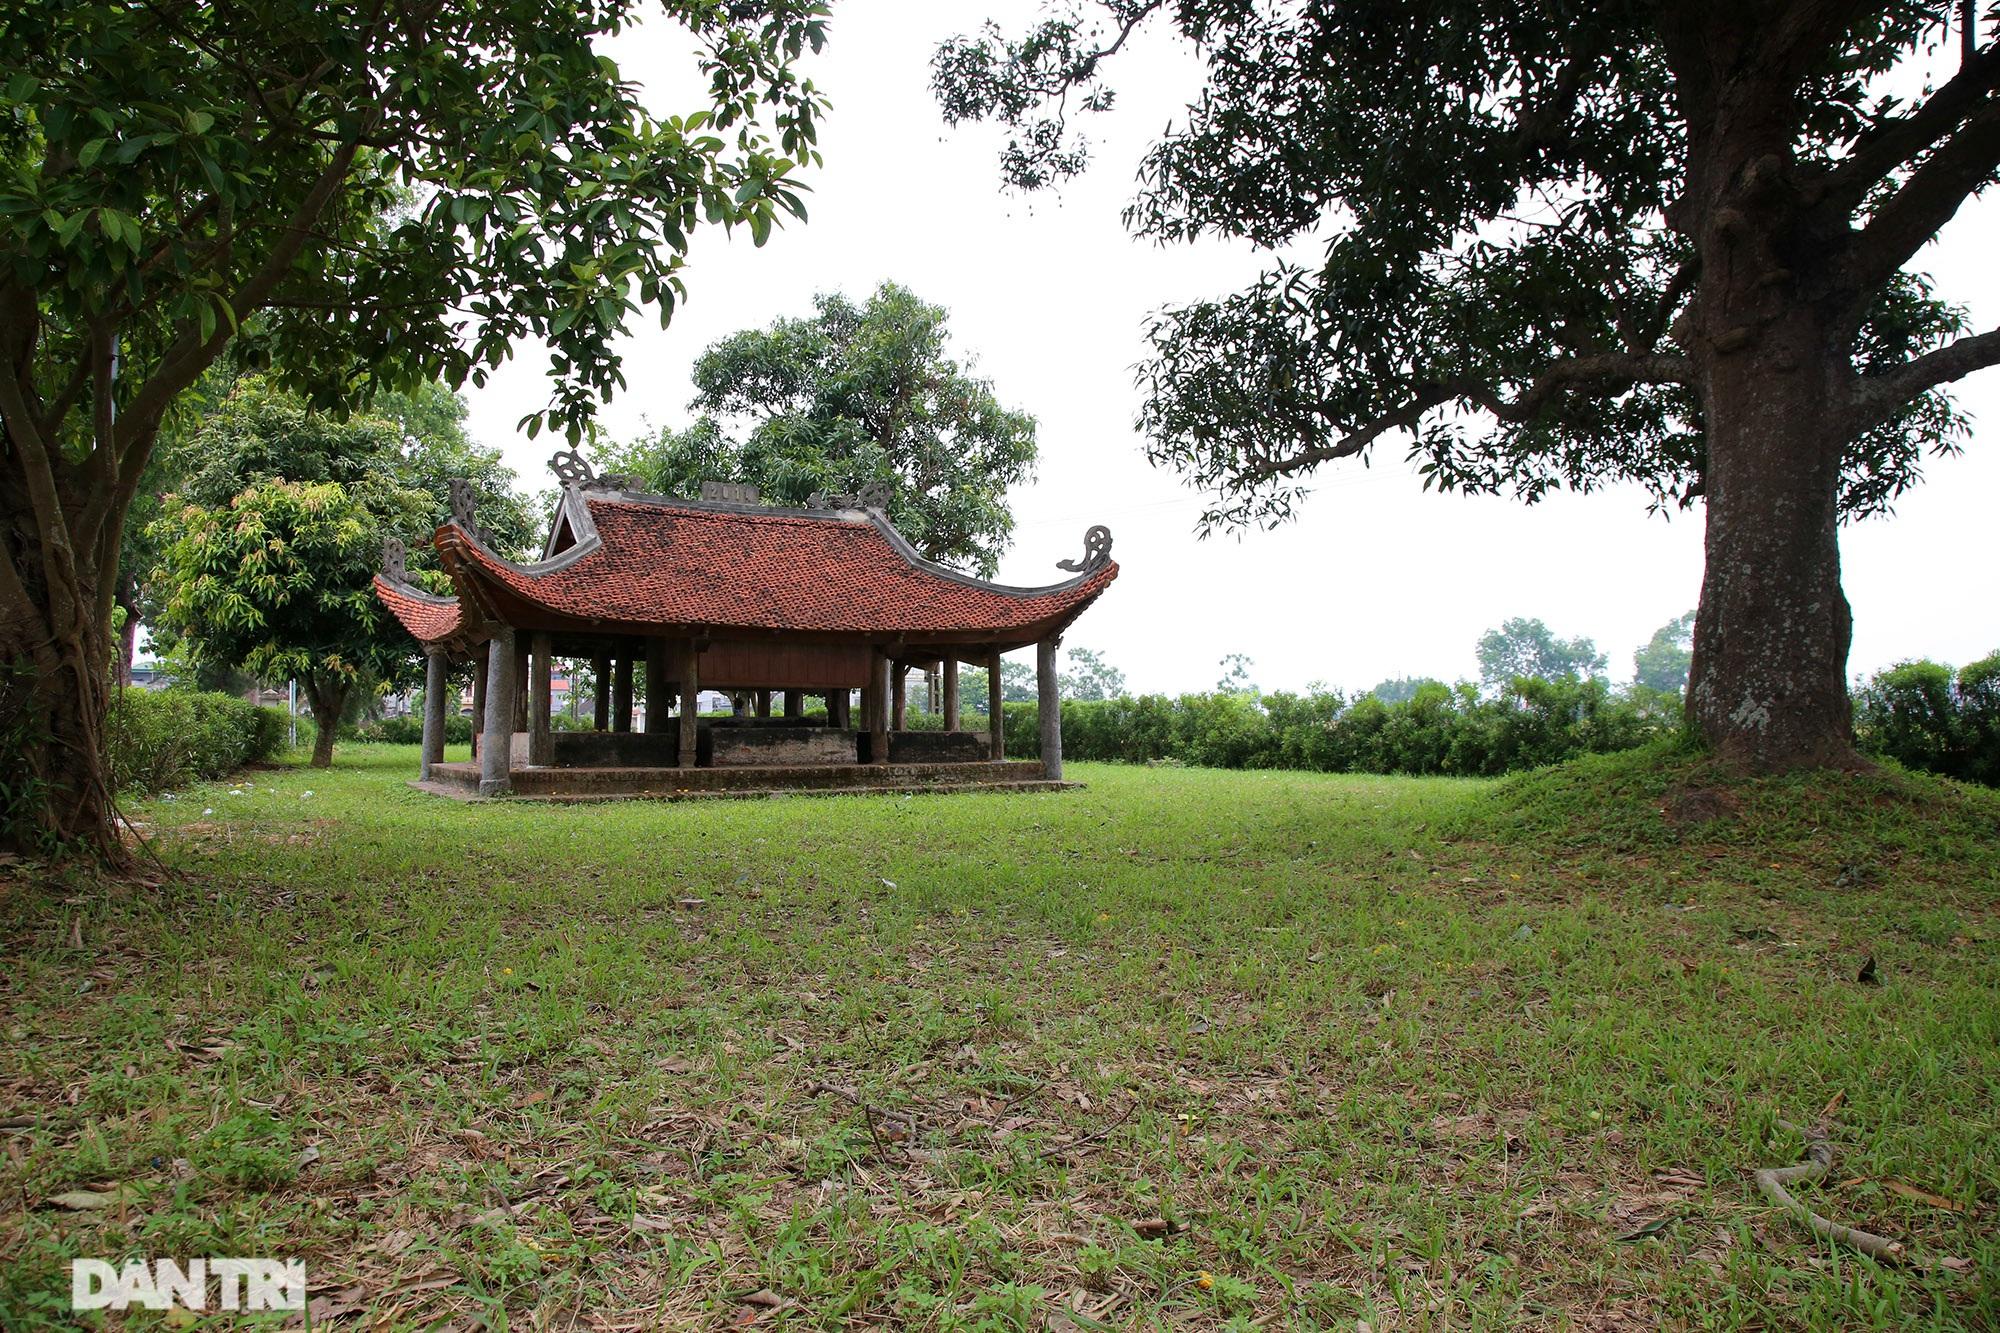 Huyền tích nghìn đời qua những ngôi quán cổ ở Hà Nội - 8